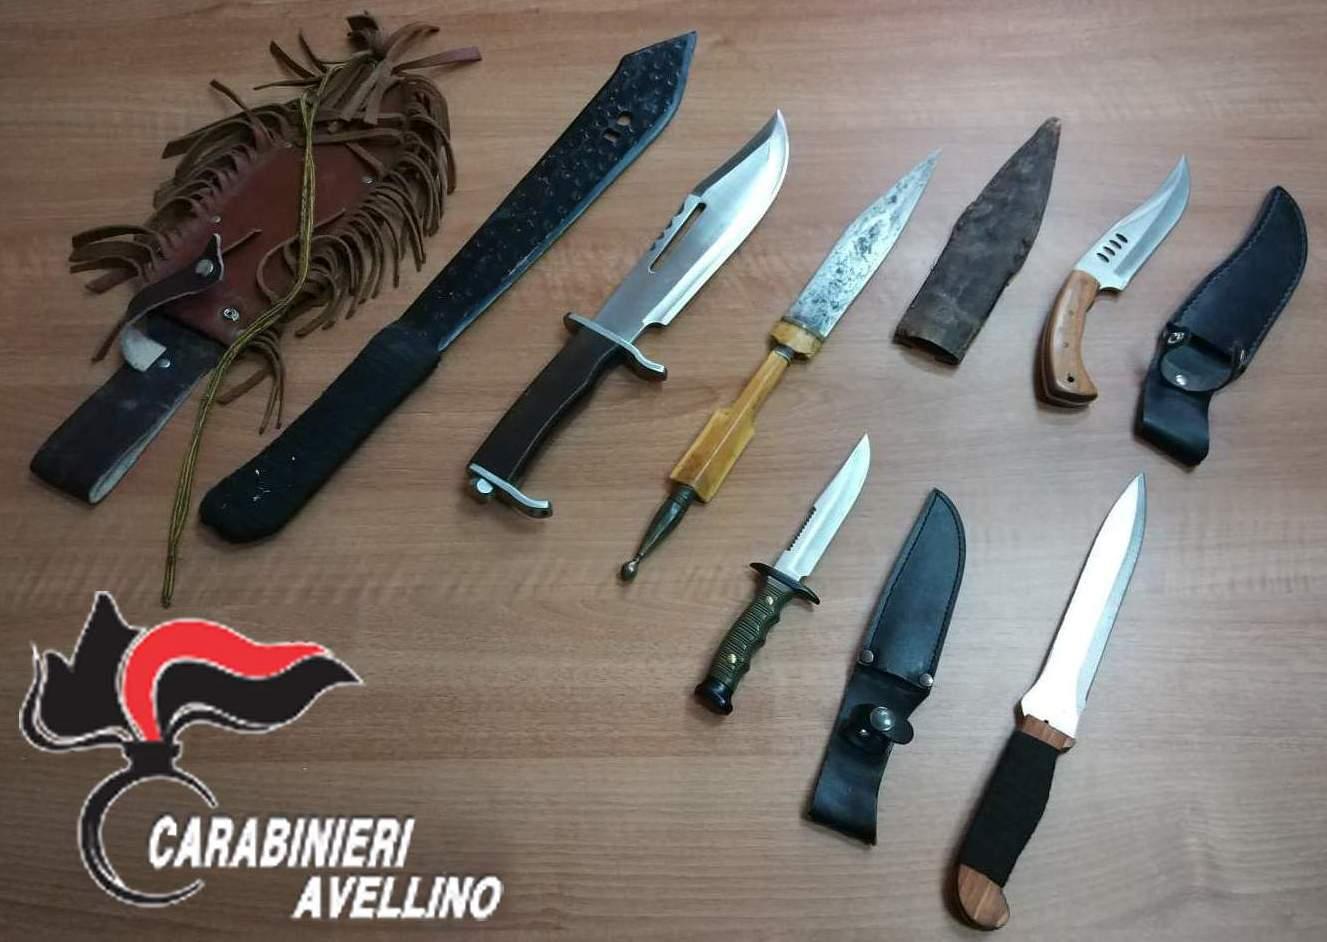 Baiano  Un machete, 5 pugnali e una banconota falsa: nei guai 45enne